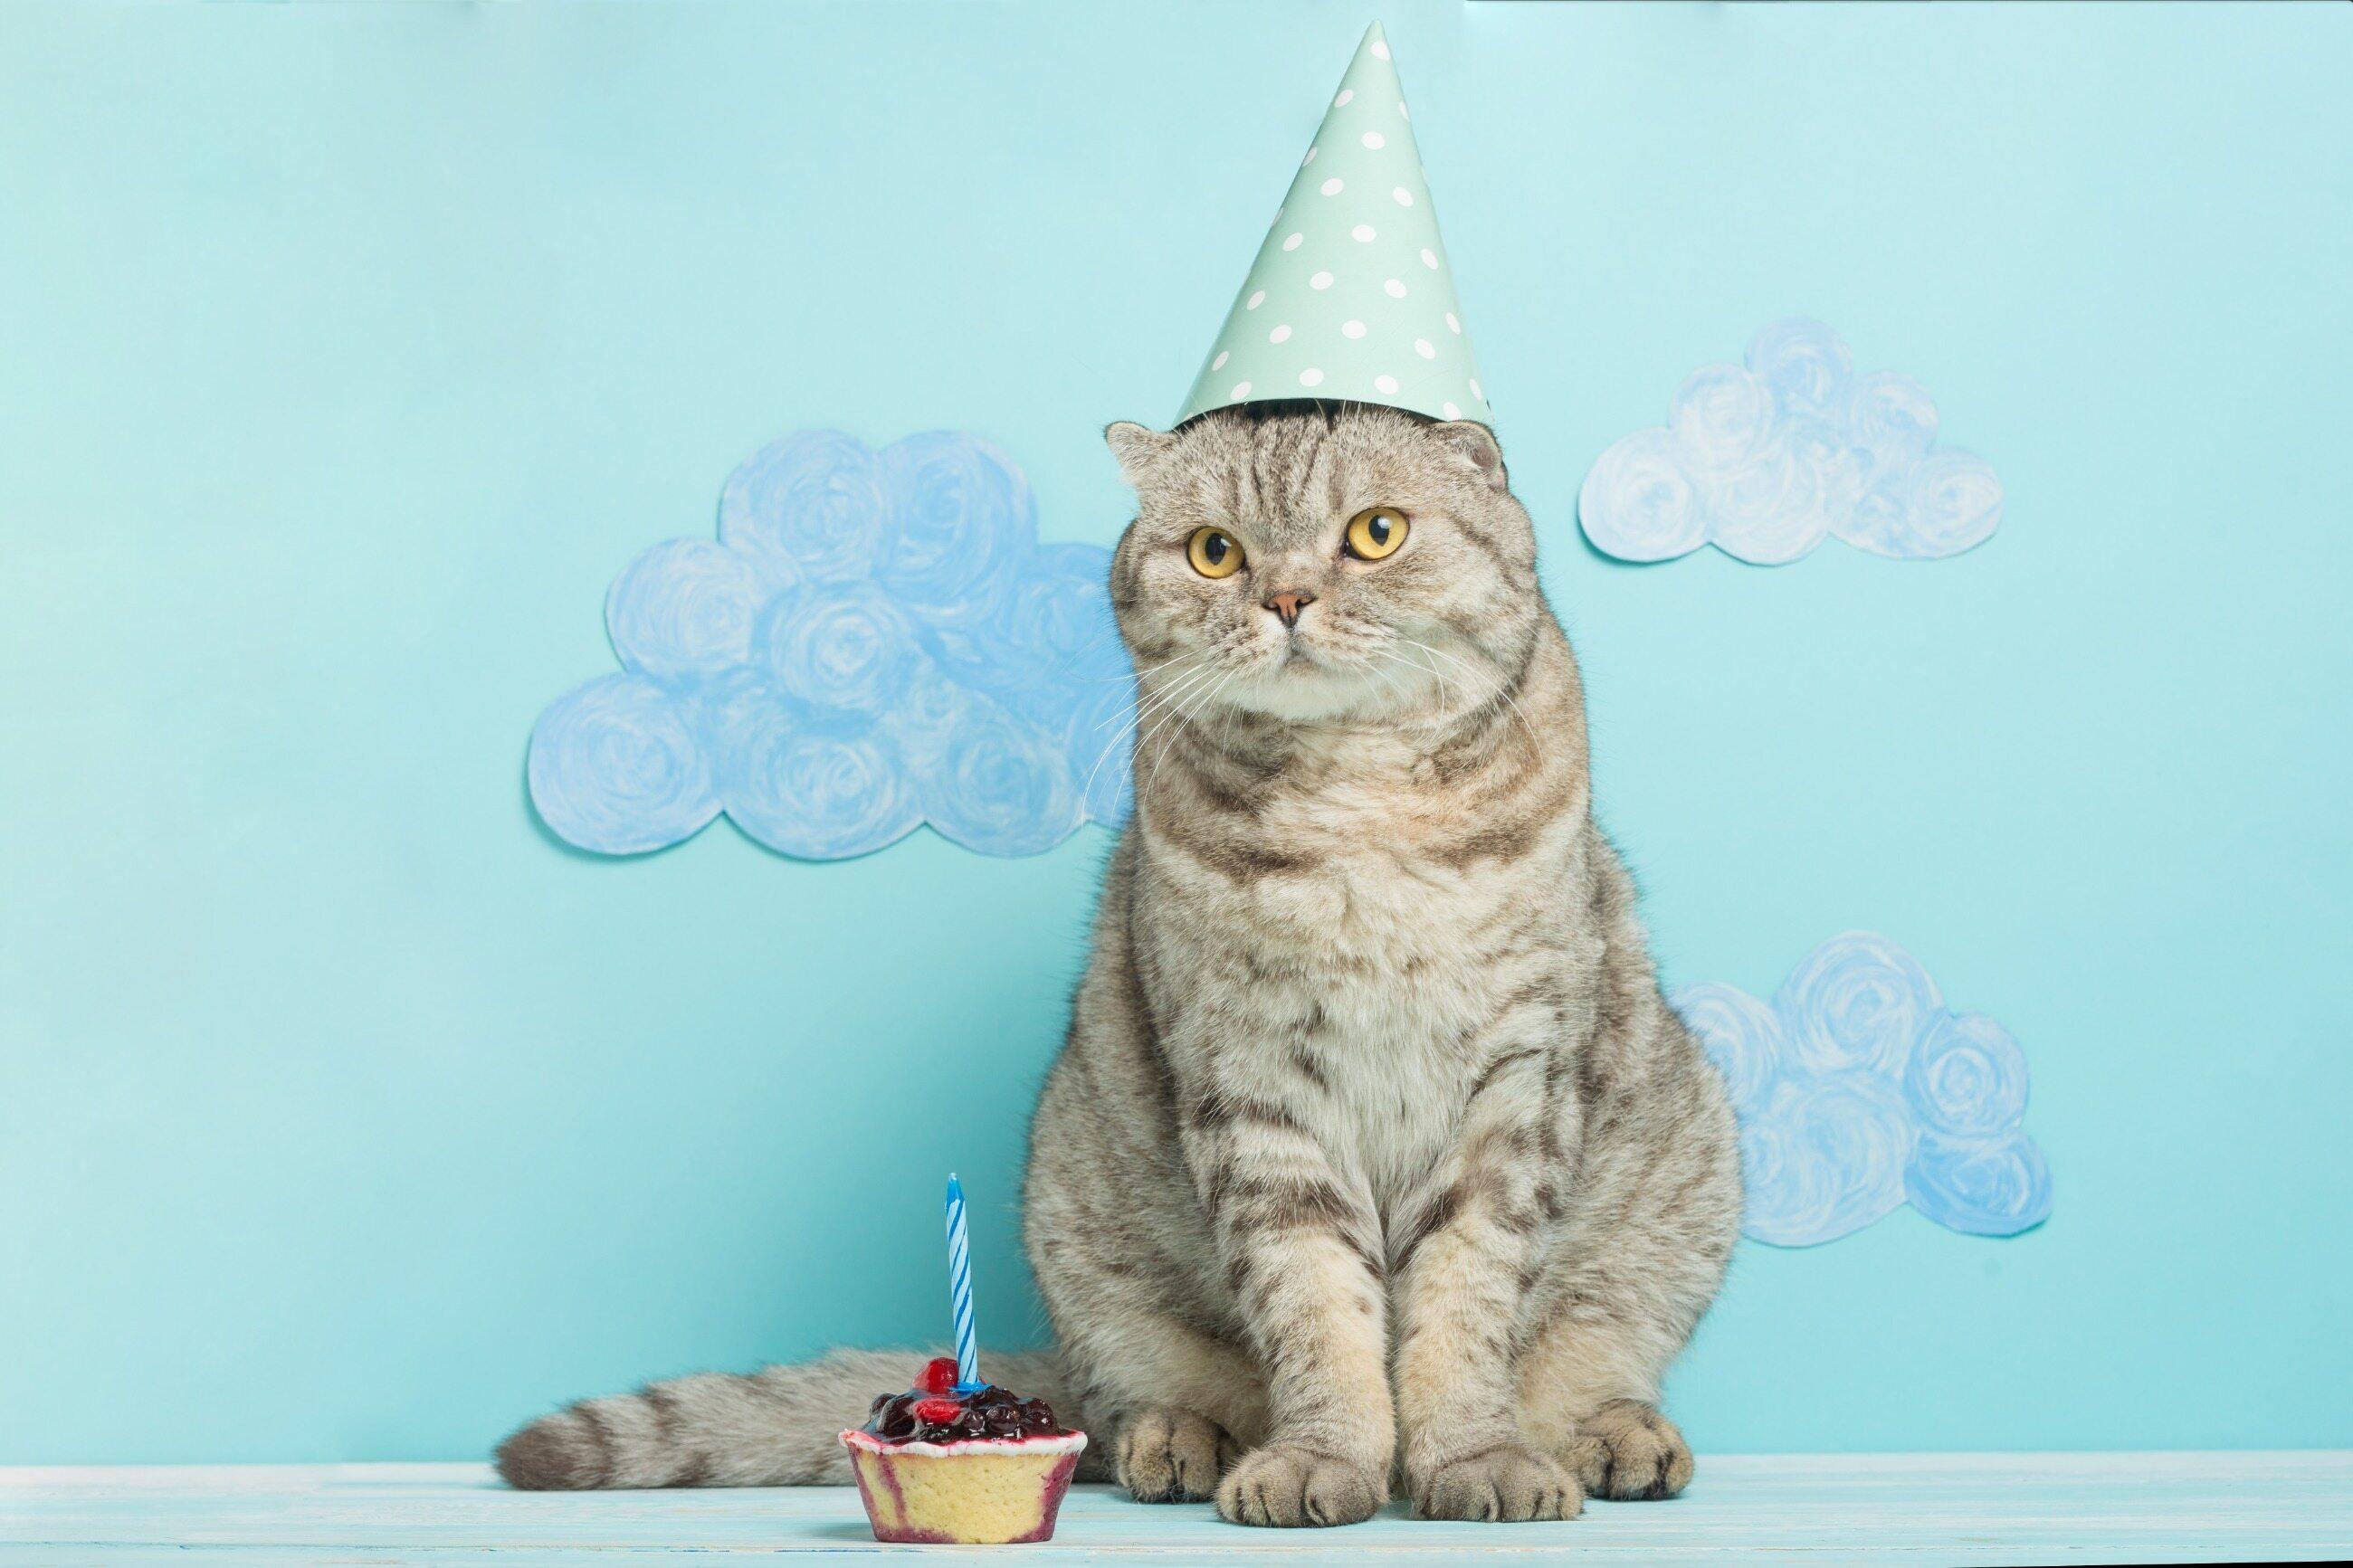 Kot w urodzinowym kapeluszu, zdjęcie ilustracyjne